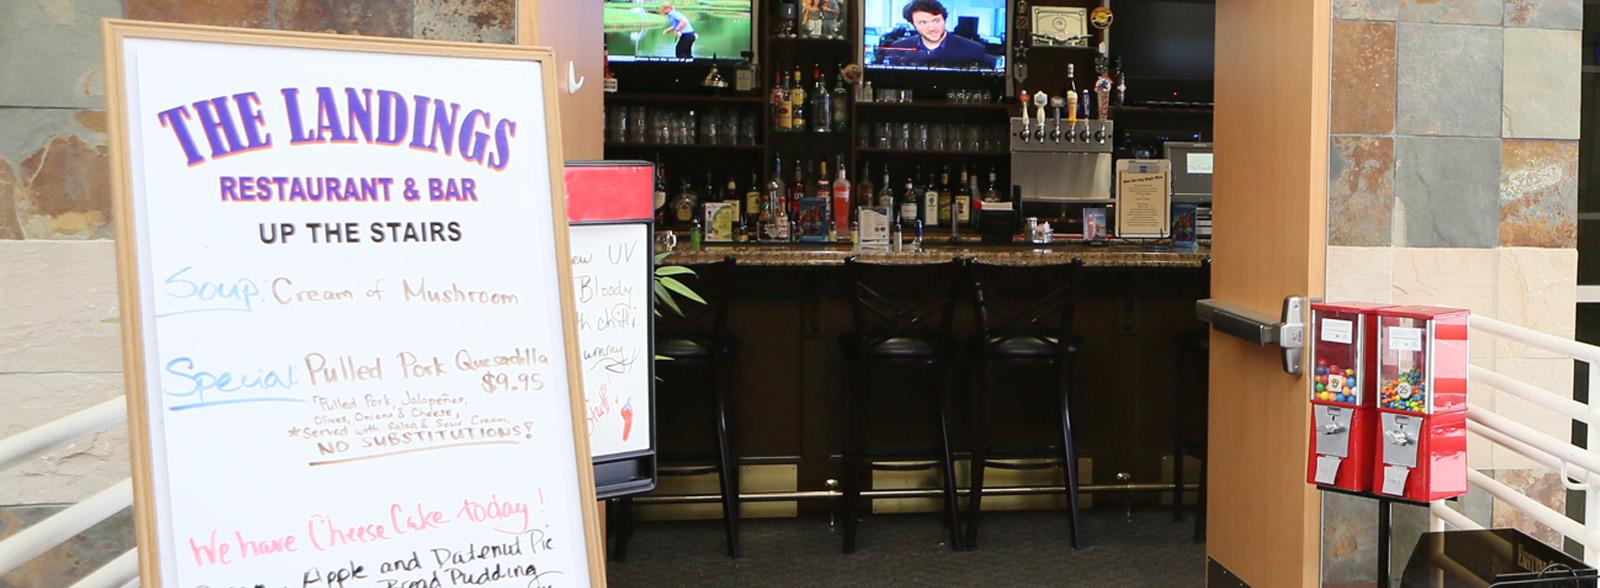 The Landings Restaurant Sign